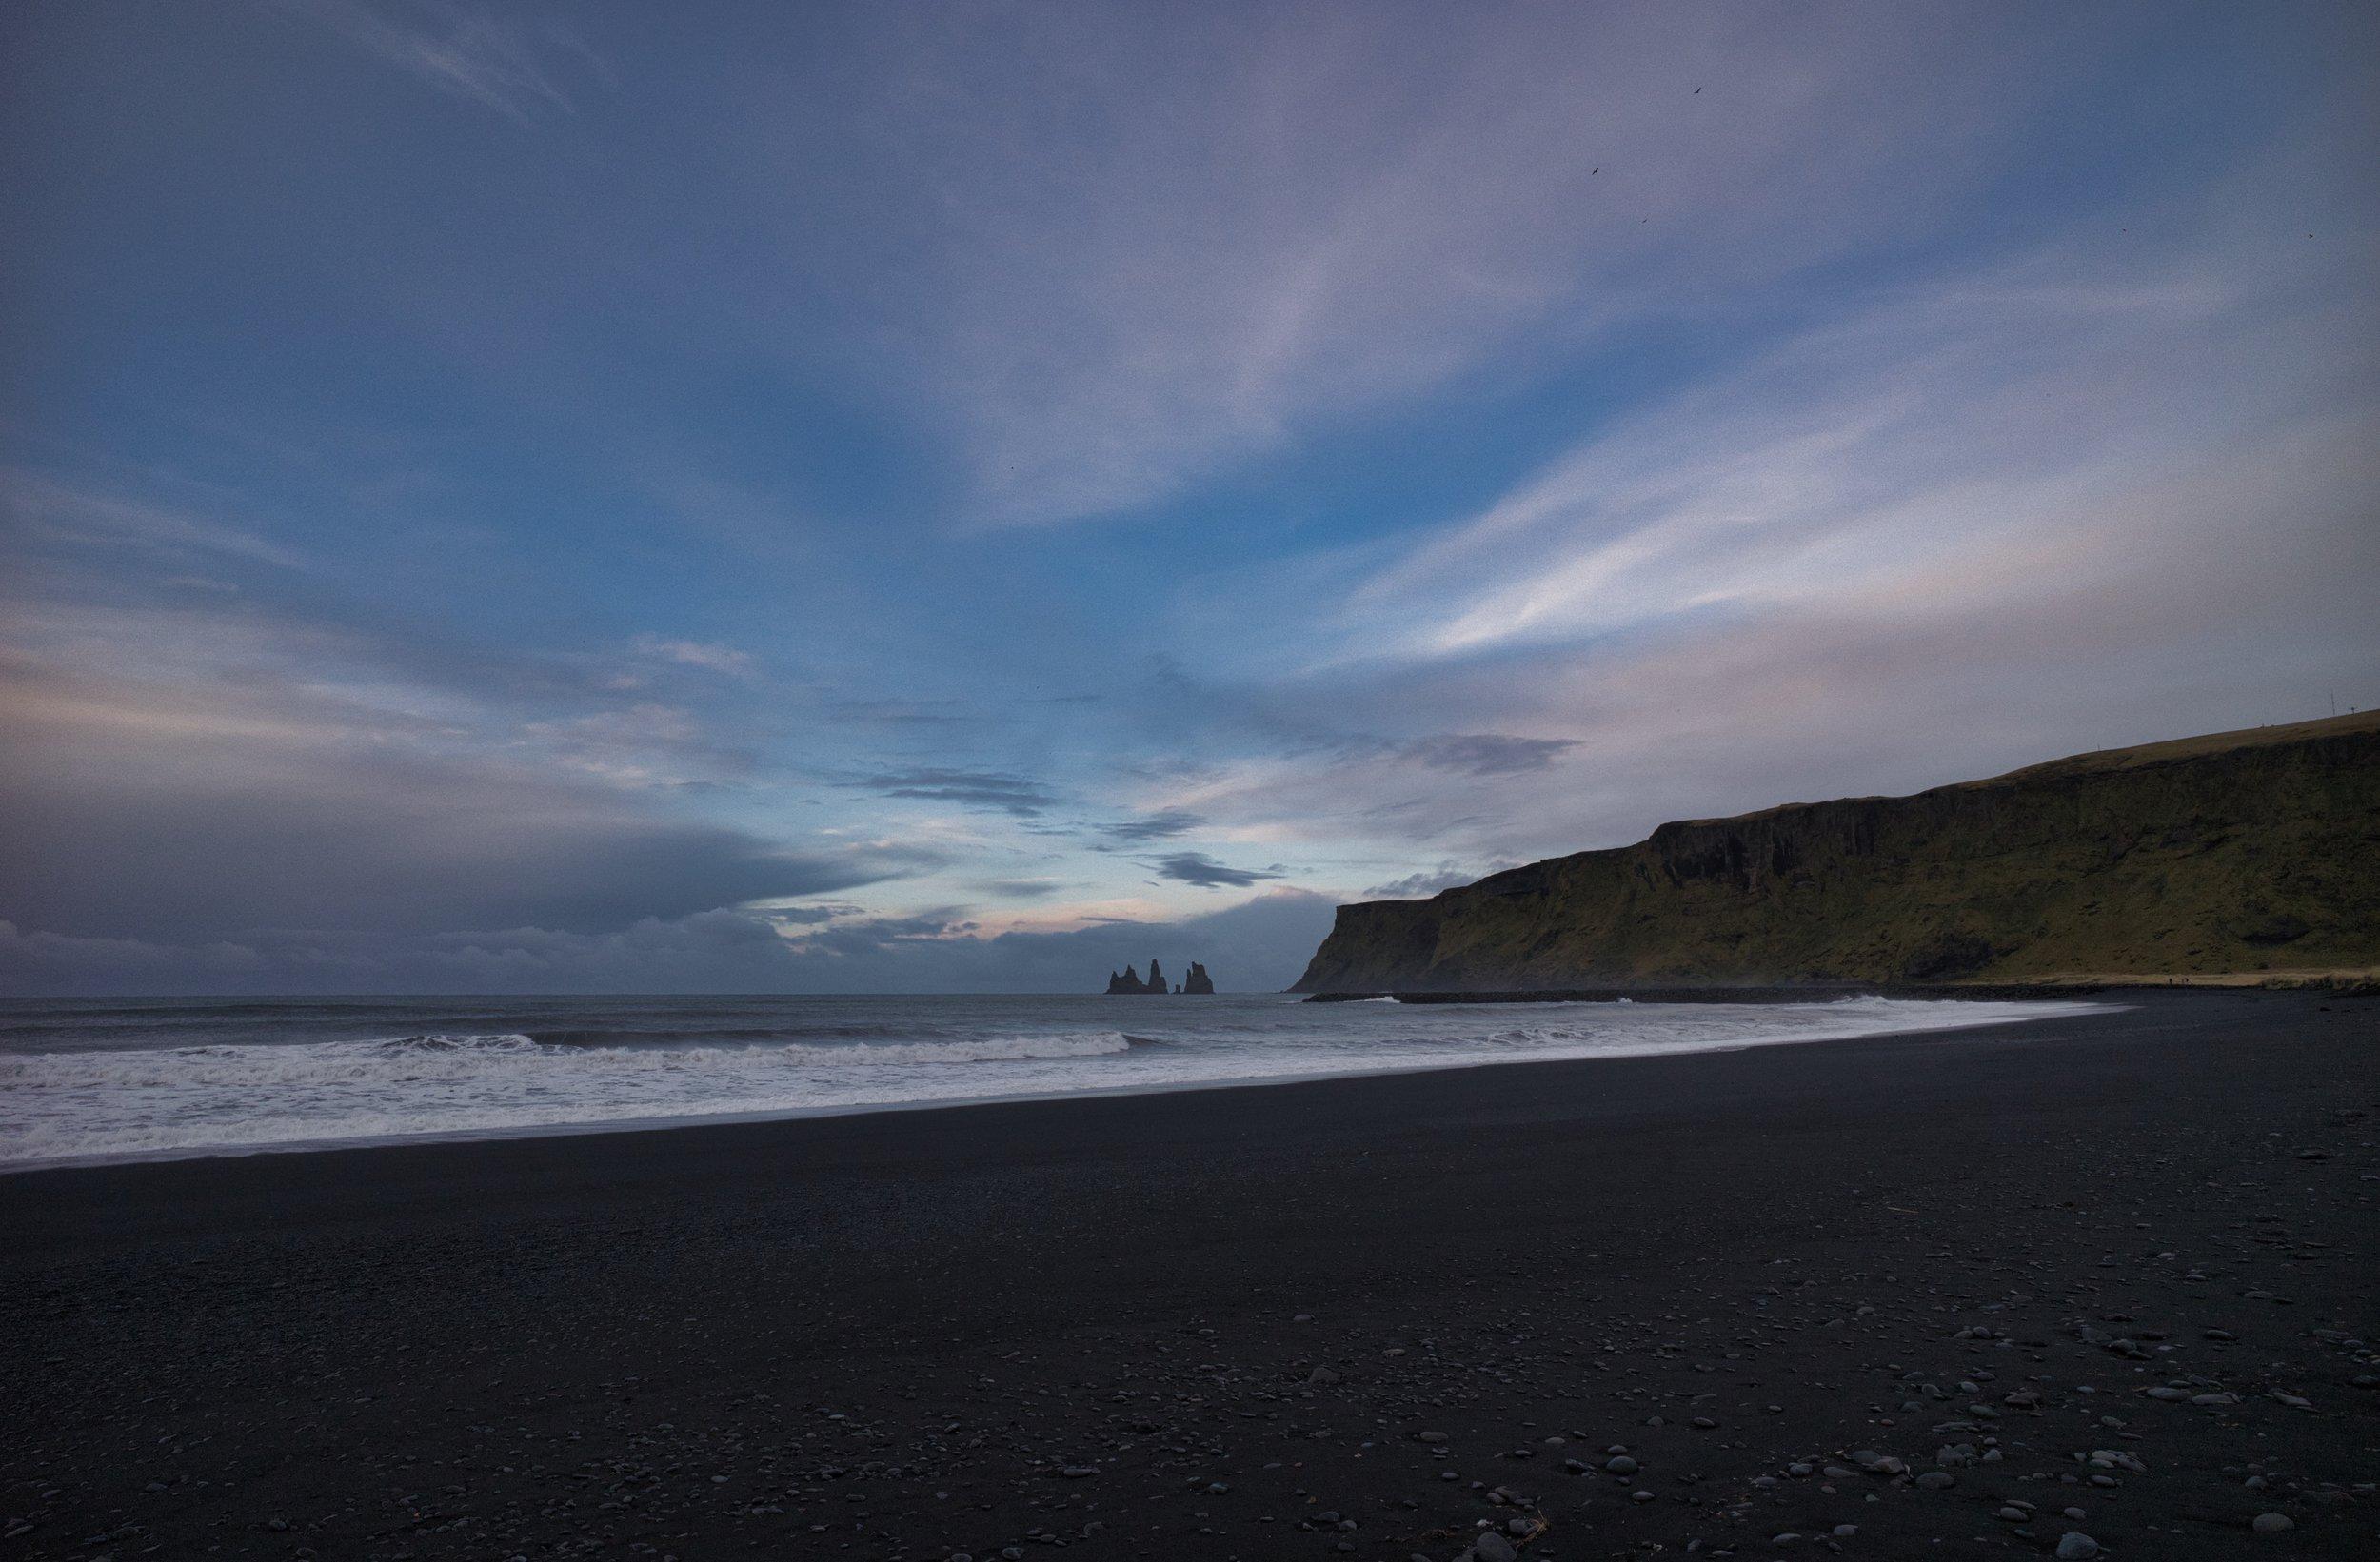 Iceland III Vik, Iceland Leica SL 21mm f/3.4 Super Elmar © Keith R. Sbiral, 2018